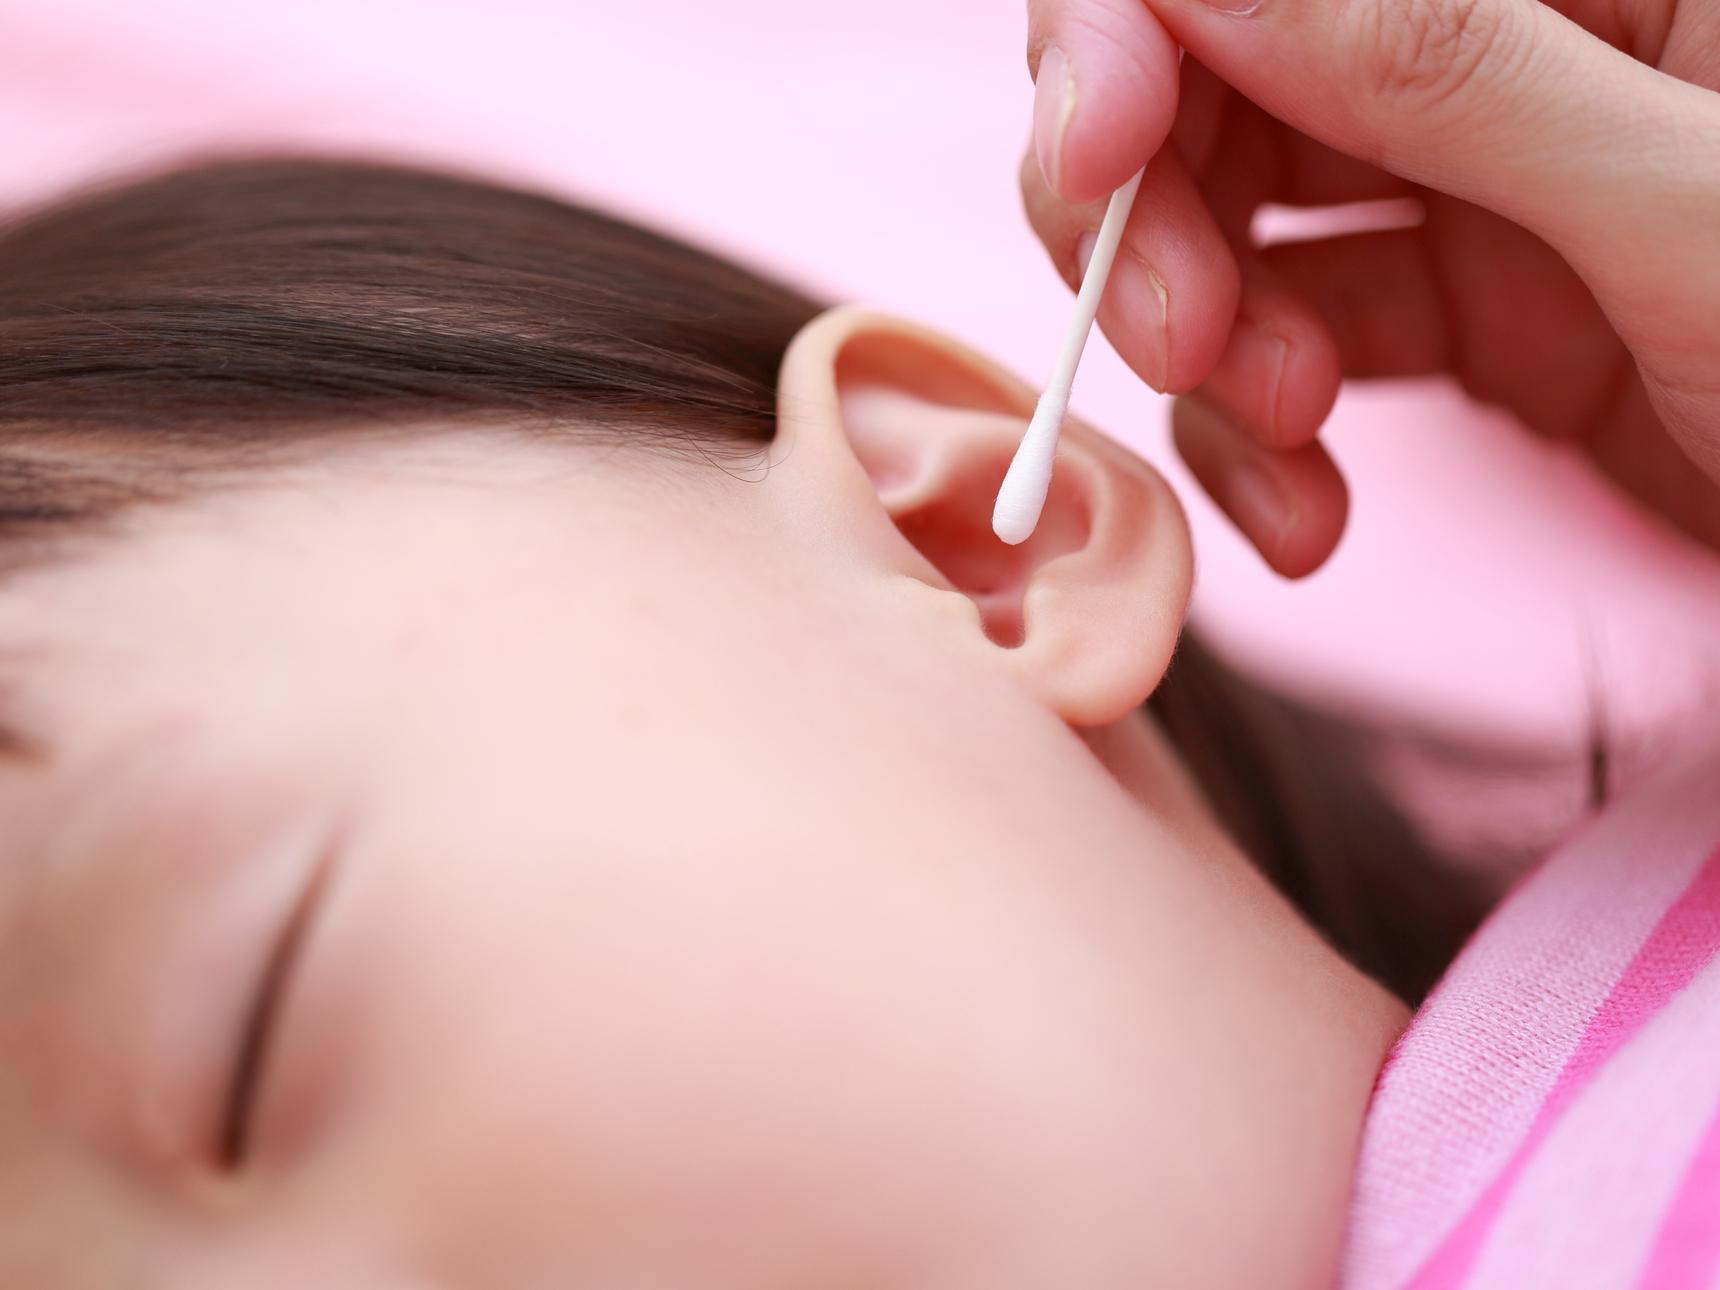 耳掃除だけで耳鼻科に行ってもOK!料金・頻度は?保険適用になるの?